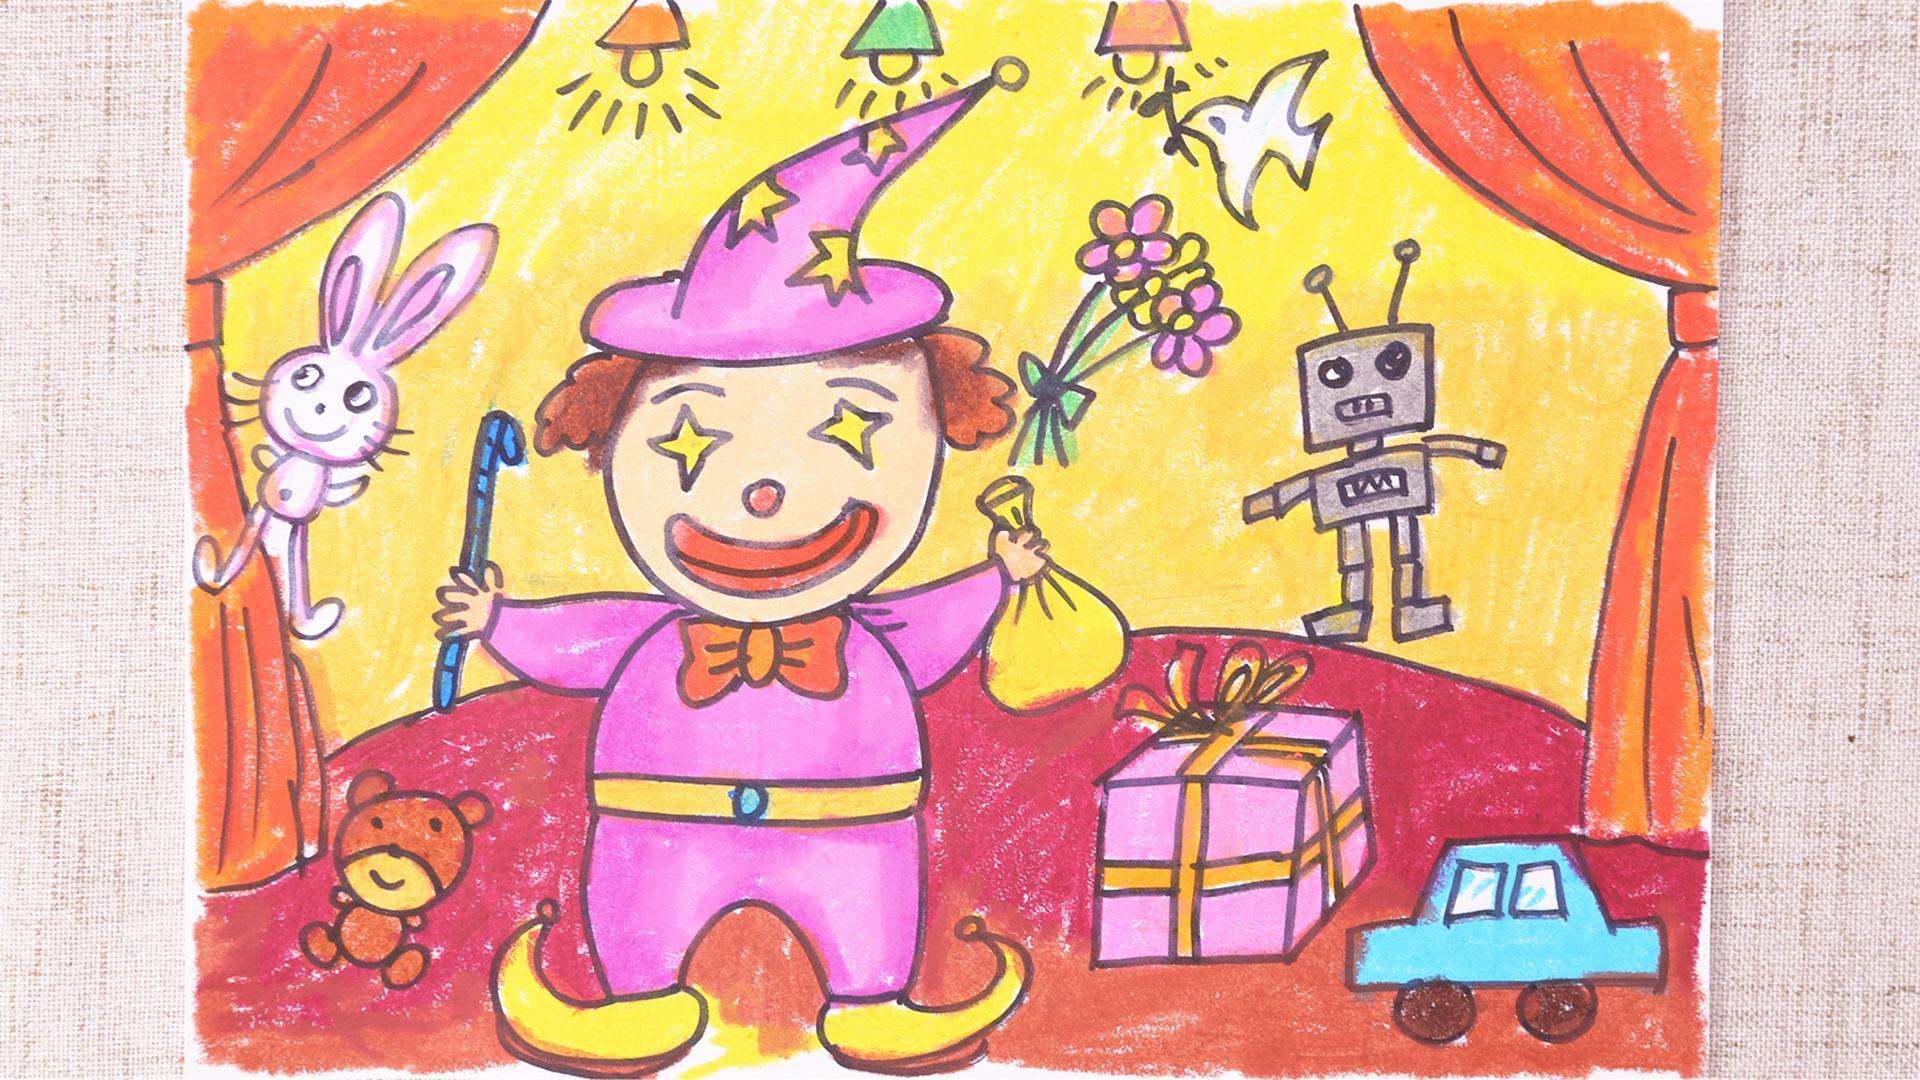 小爱的手作日记 儿童画可爱的小丑魔术师-小爱的简笔画-淘趣工坊